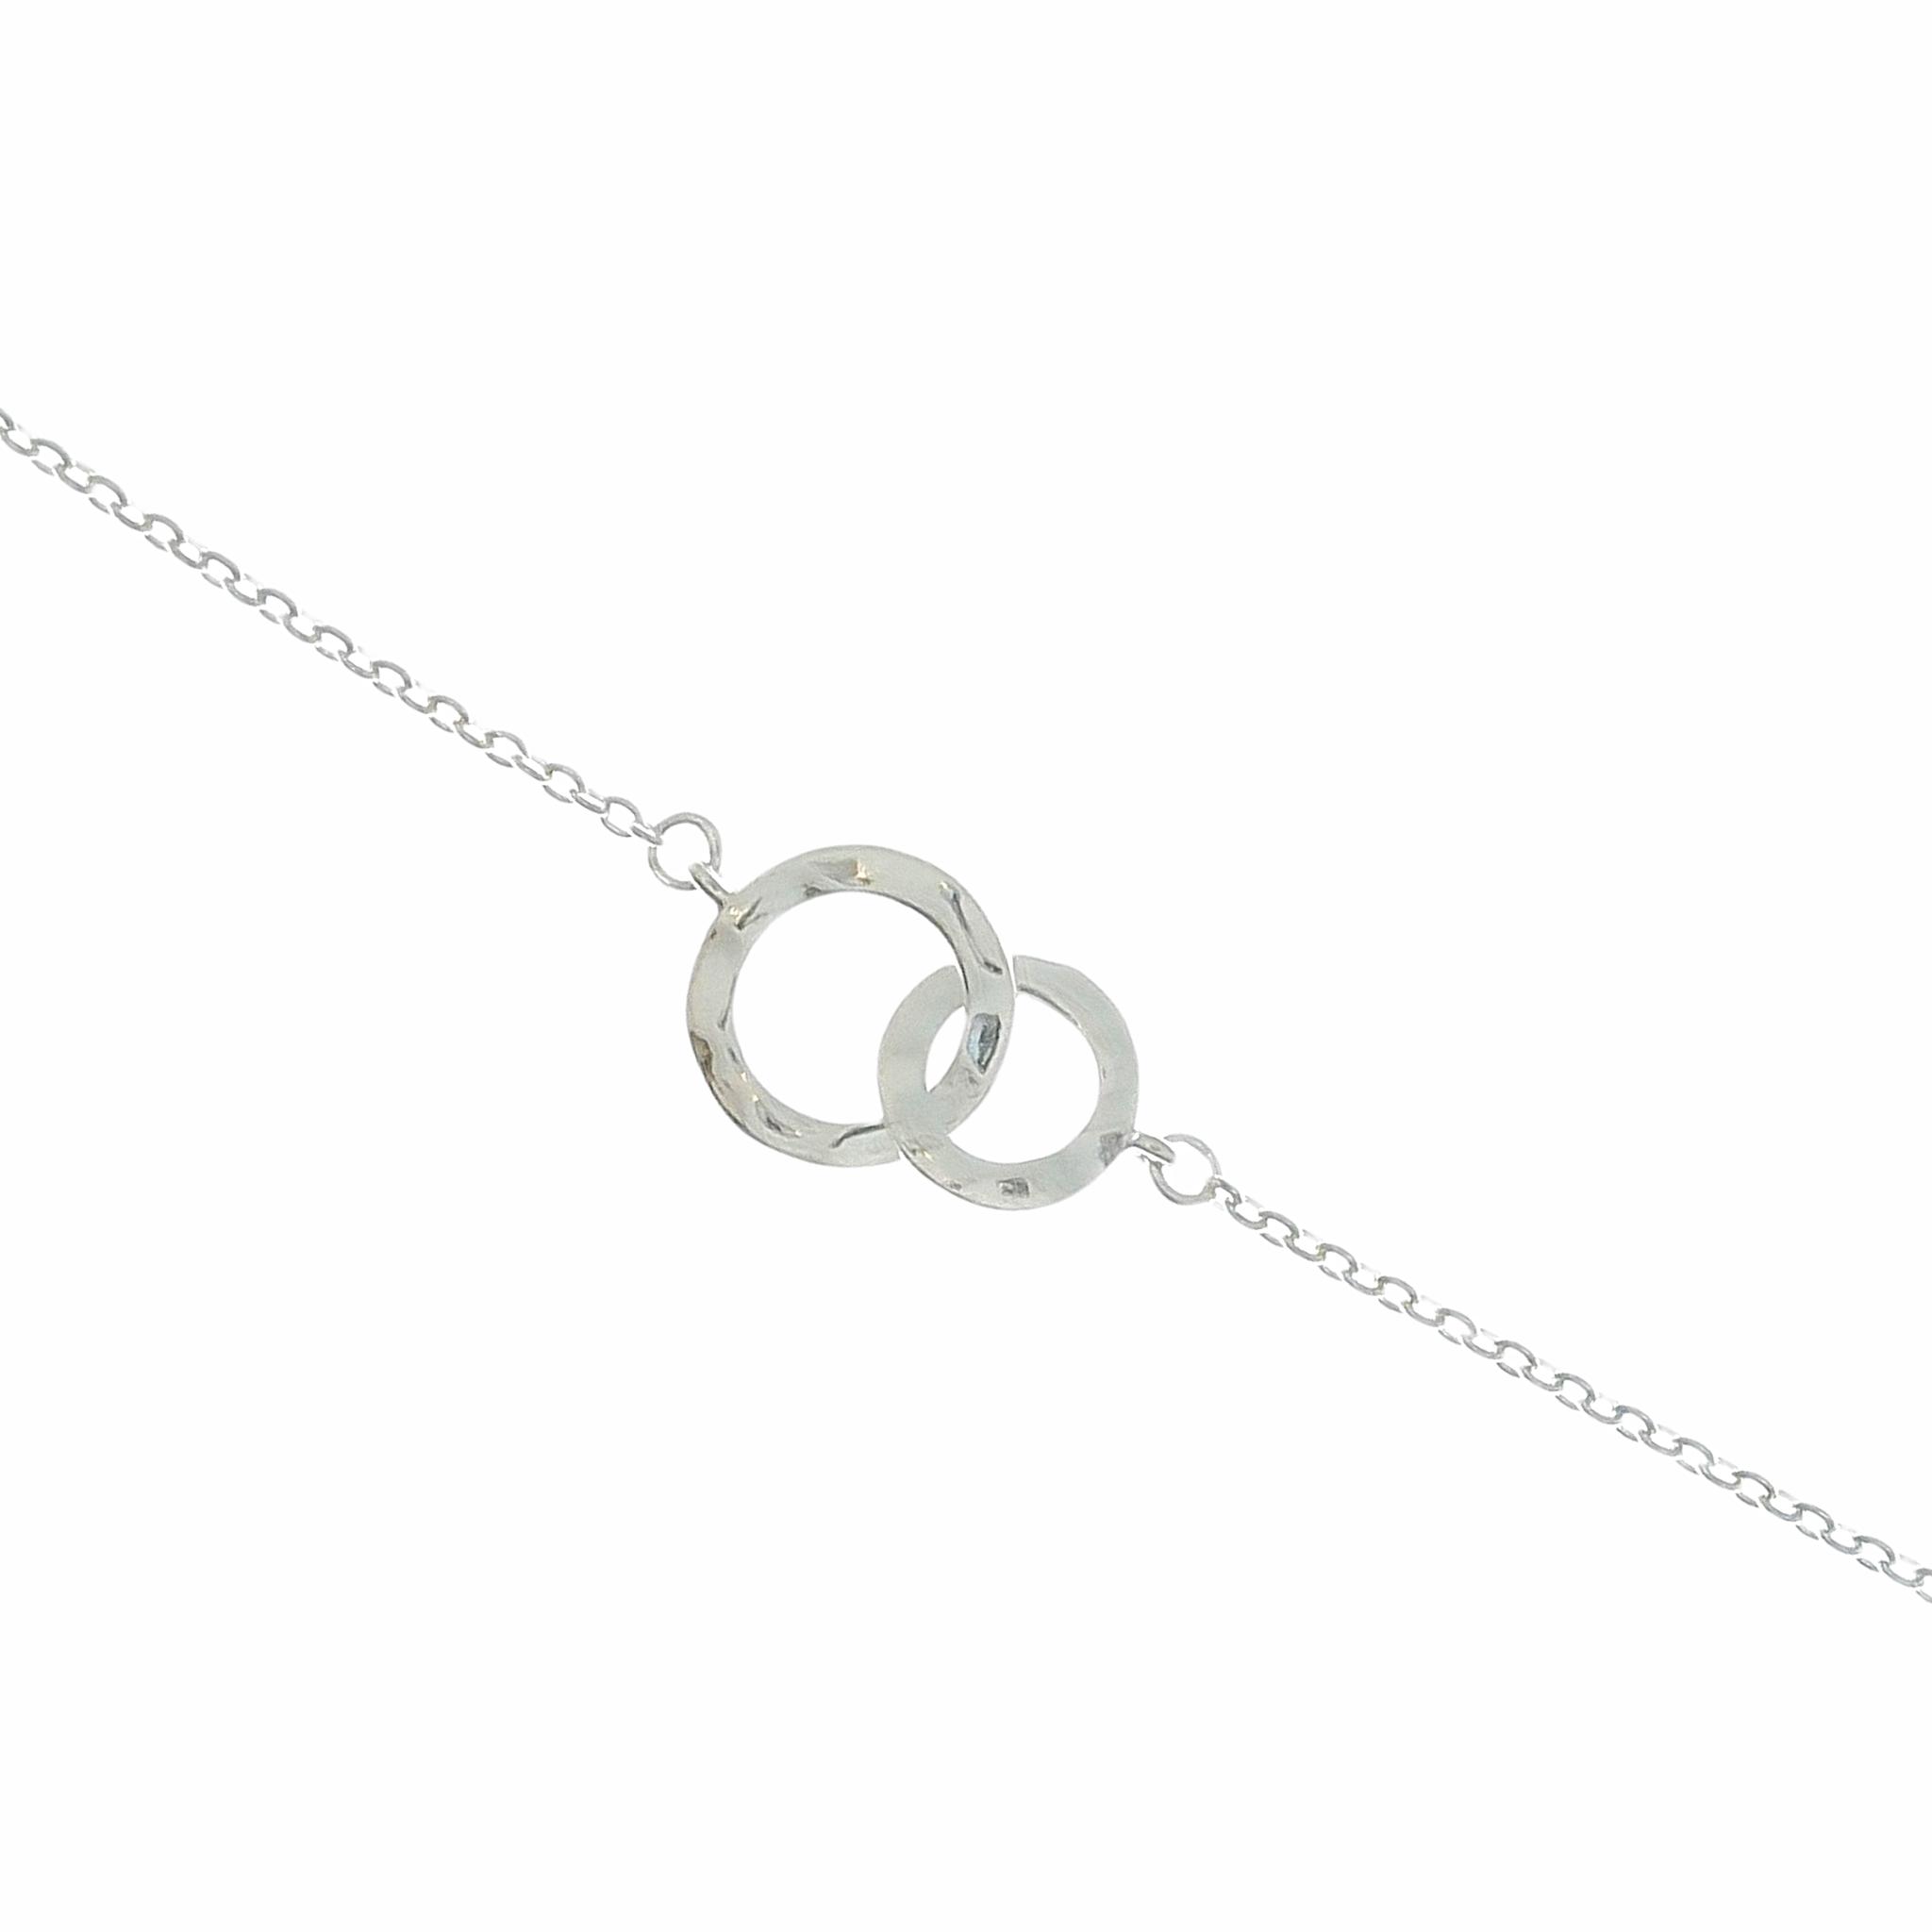 Rosa Bandet Armband Small Love Rings Silver